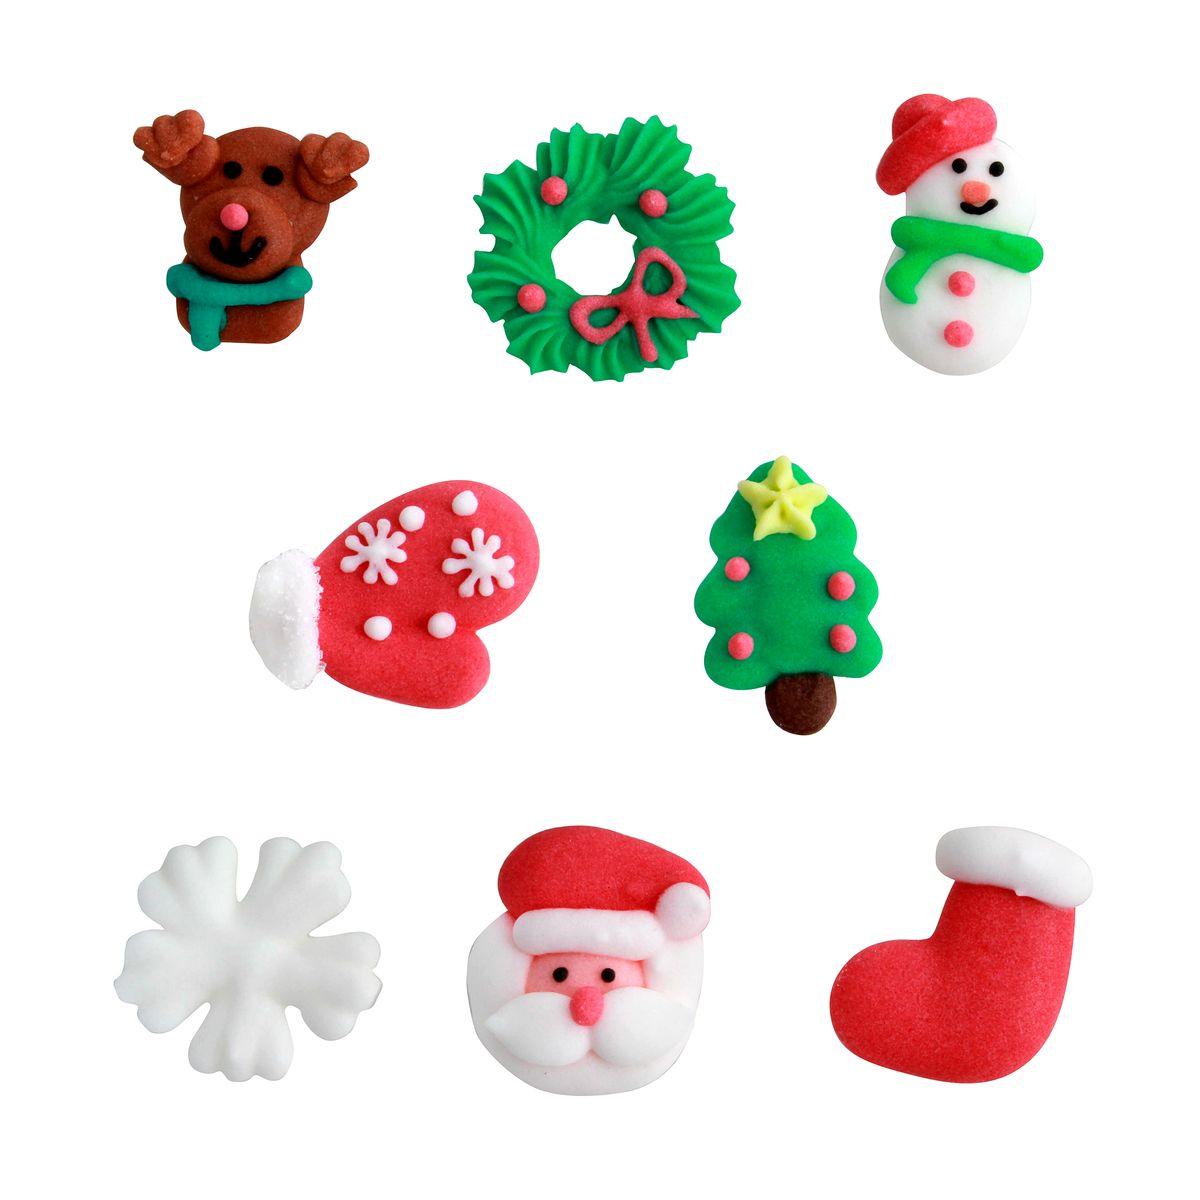 Plaque 8 décors comestibles Noël traditionnel - Alice Délice